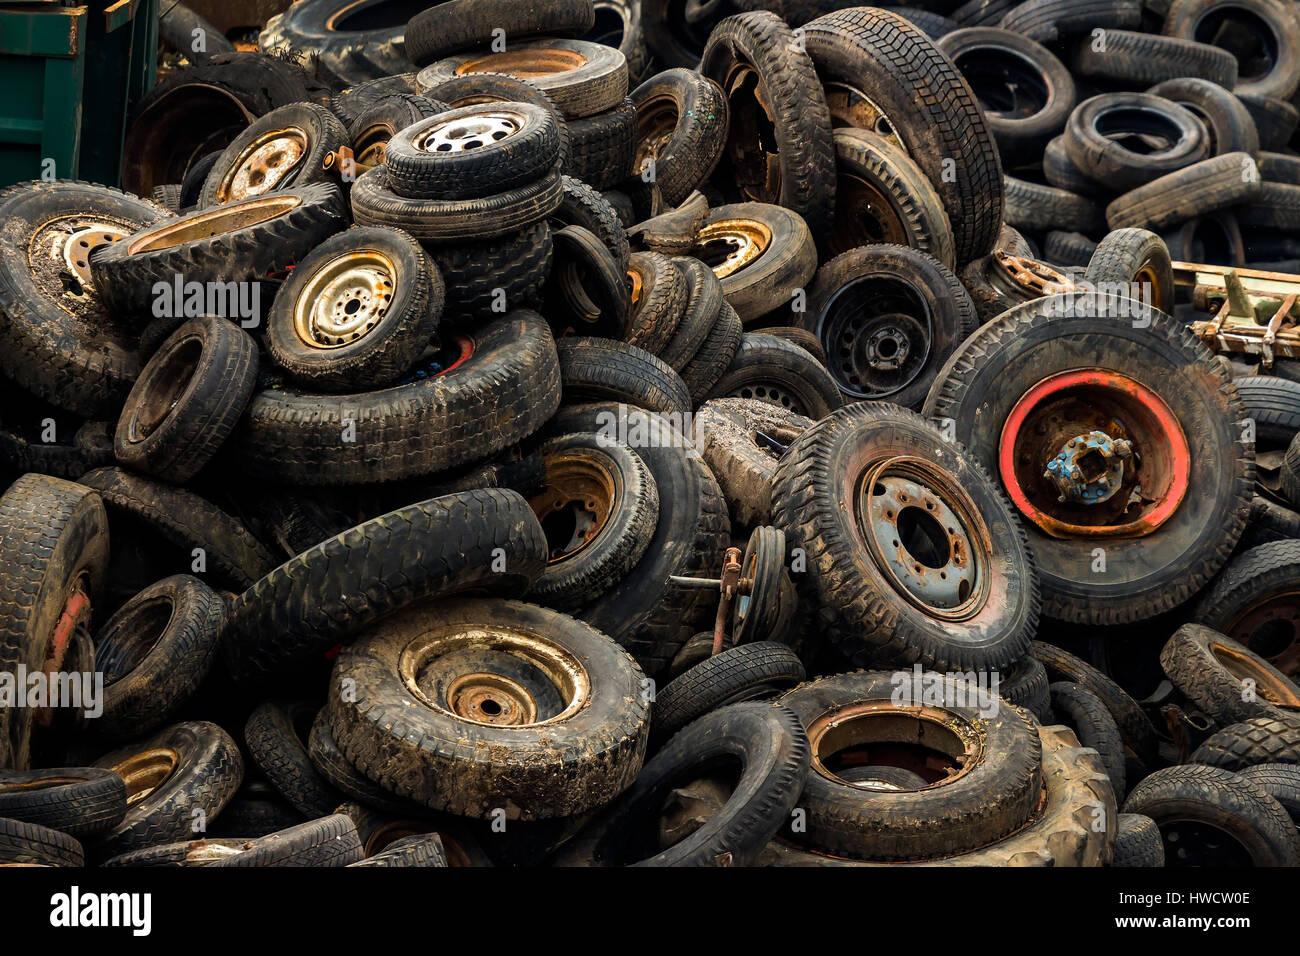 Old tyres on a scrap yard., Alte Autoreifen auf einem Schrottplatz. Stock Photo